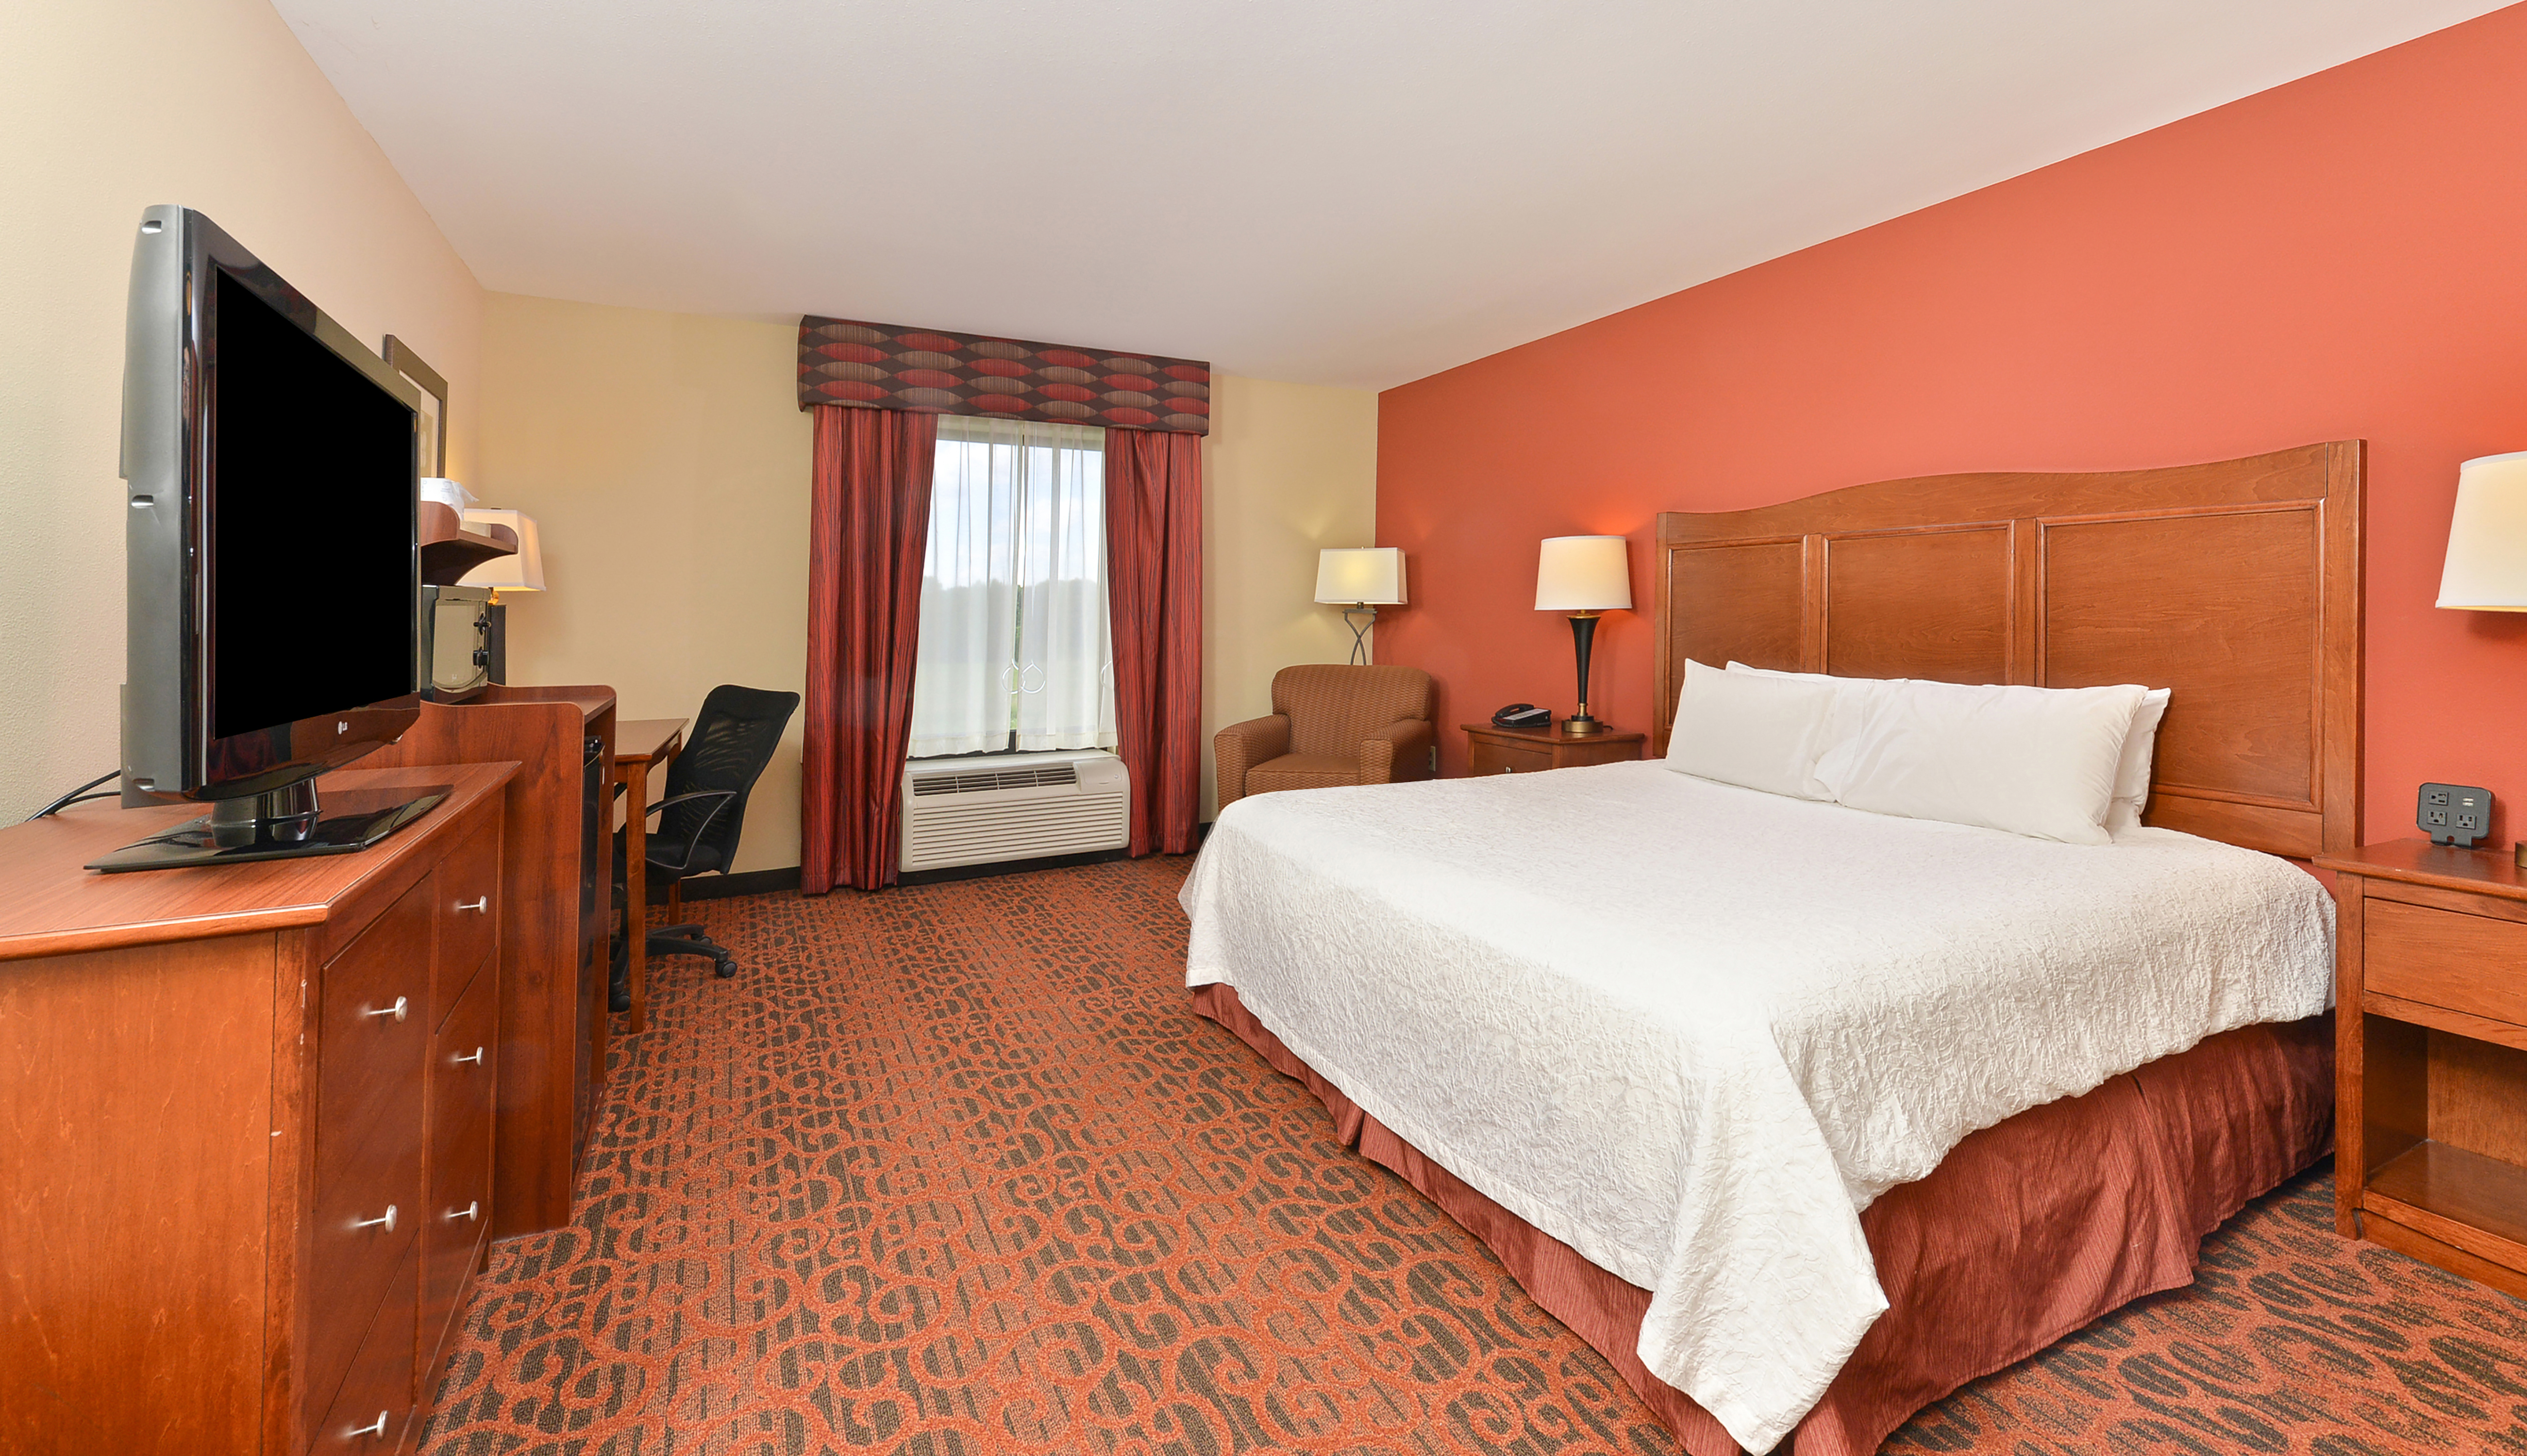 https://www.hotelsbyday.com/_data/default-hotel_image/3/16346/dsc-5867cropped.jpg